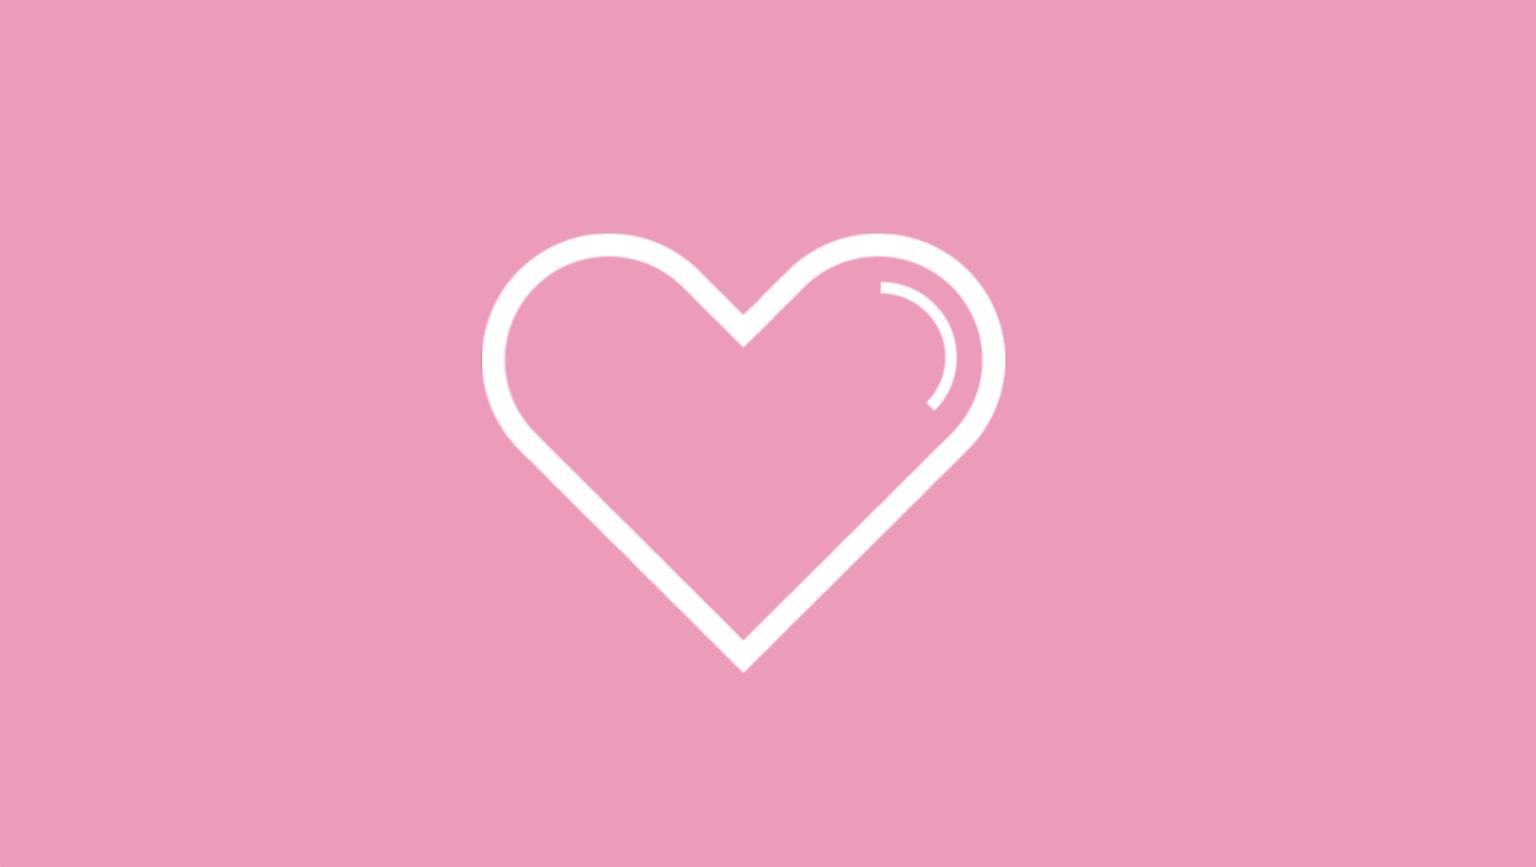 Vitt hjärta på rosa bakgrund som symboliserar Rosa Bandet-kampanjen.